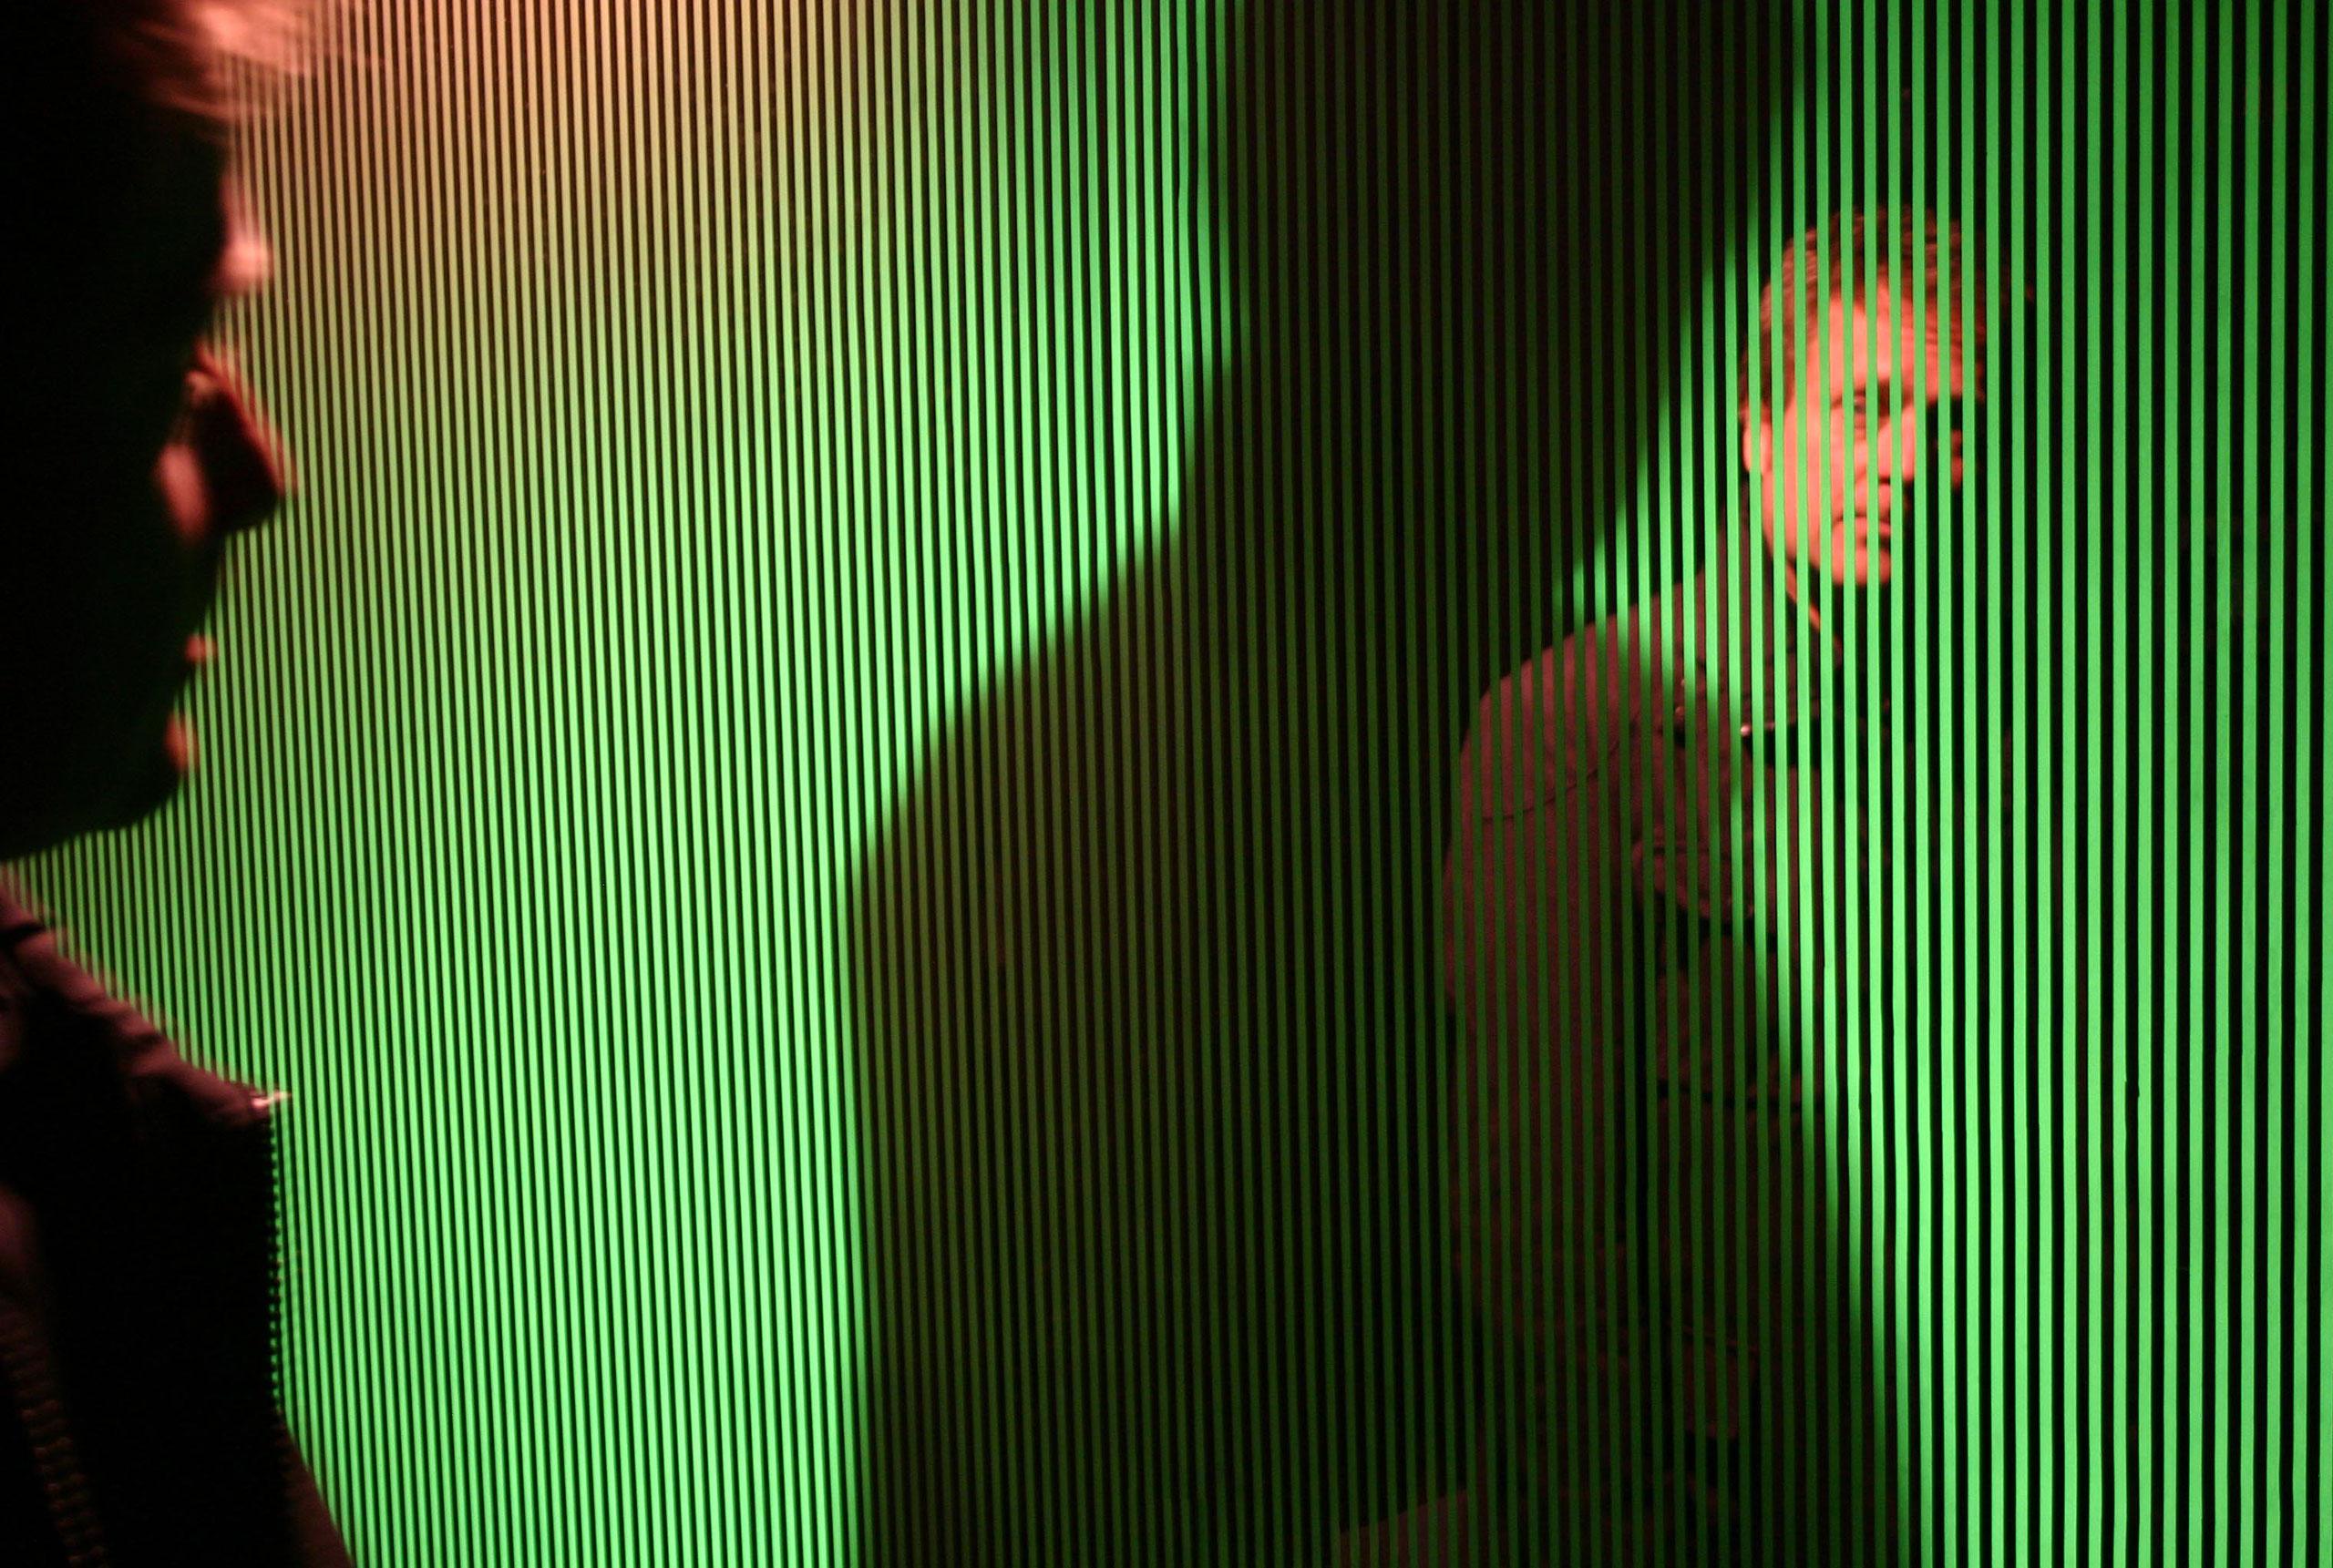 Edgar Lissel, Mnemosyne II, Wien, 2007, Installation